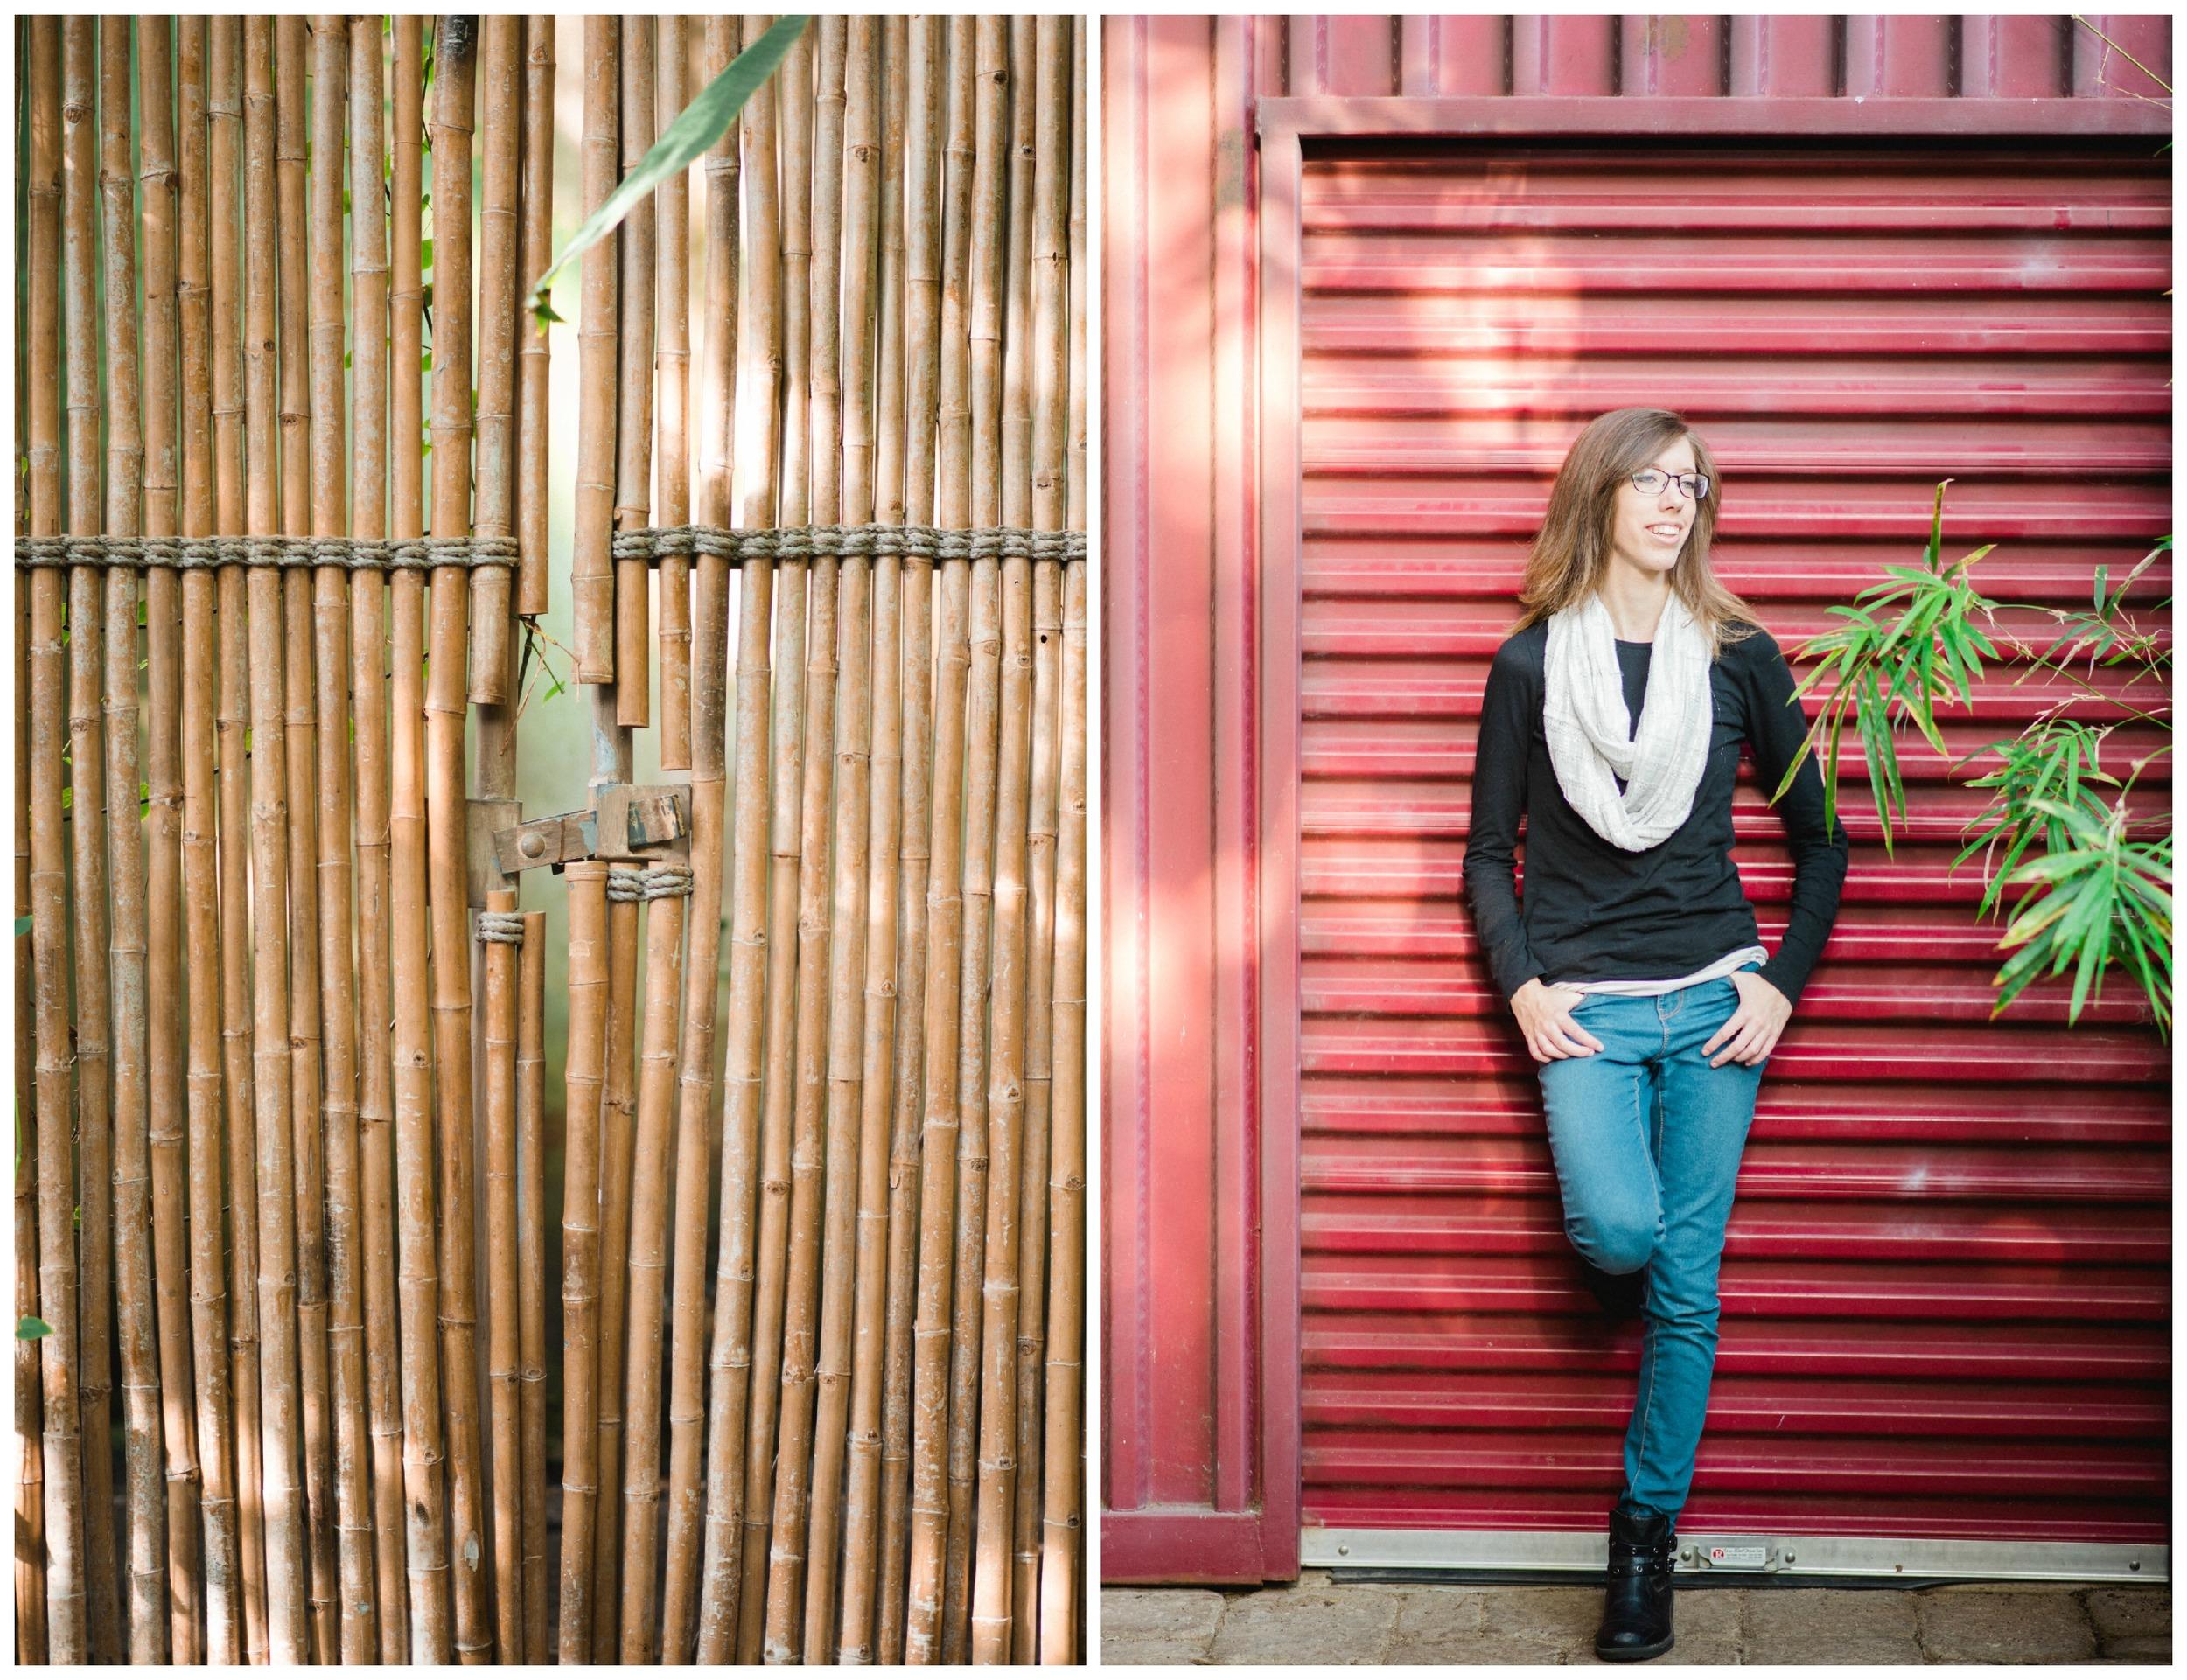 Collage.Sarah.jpg